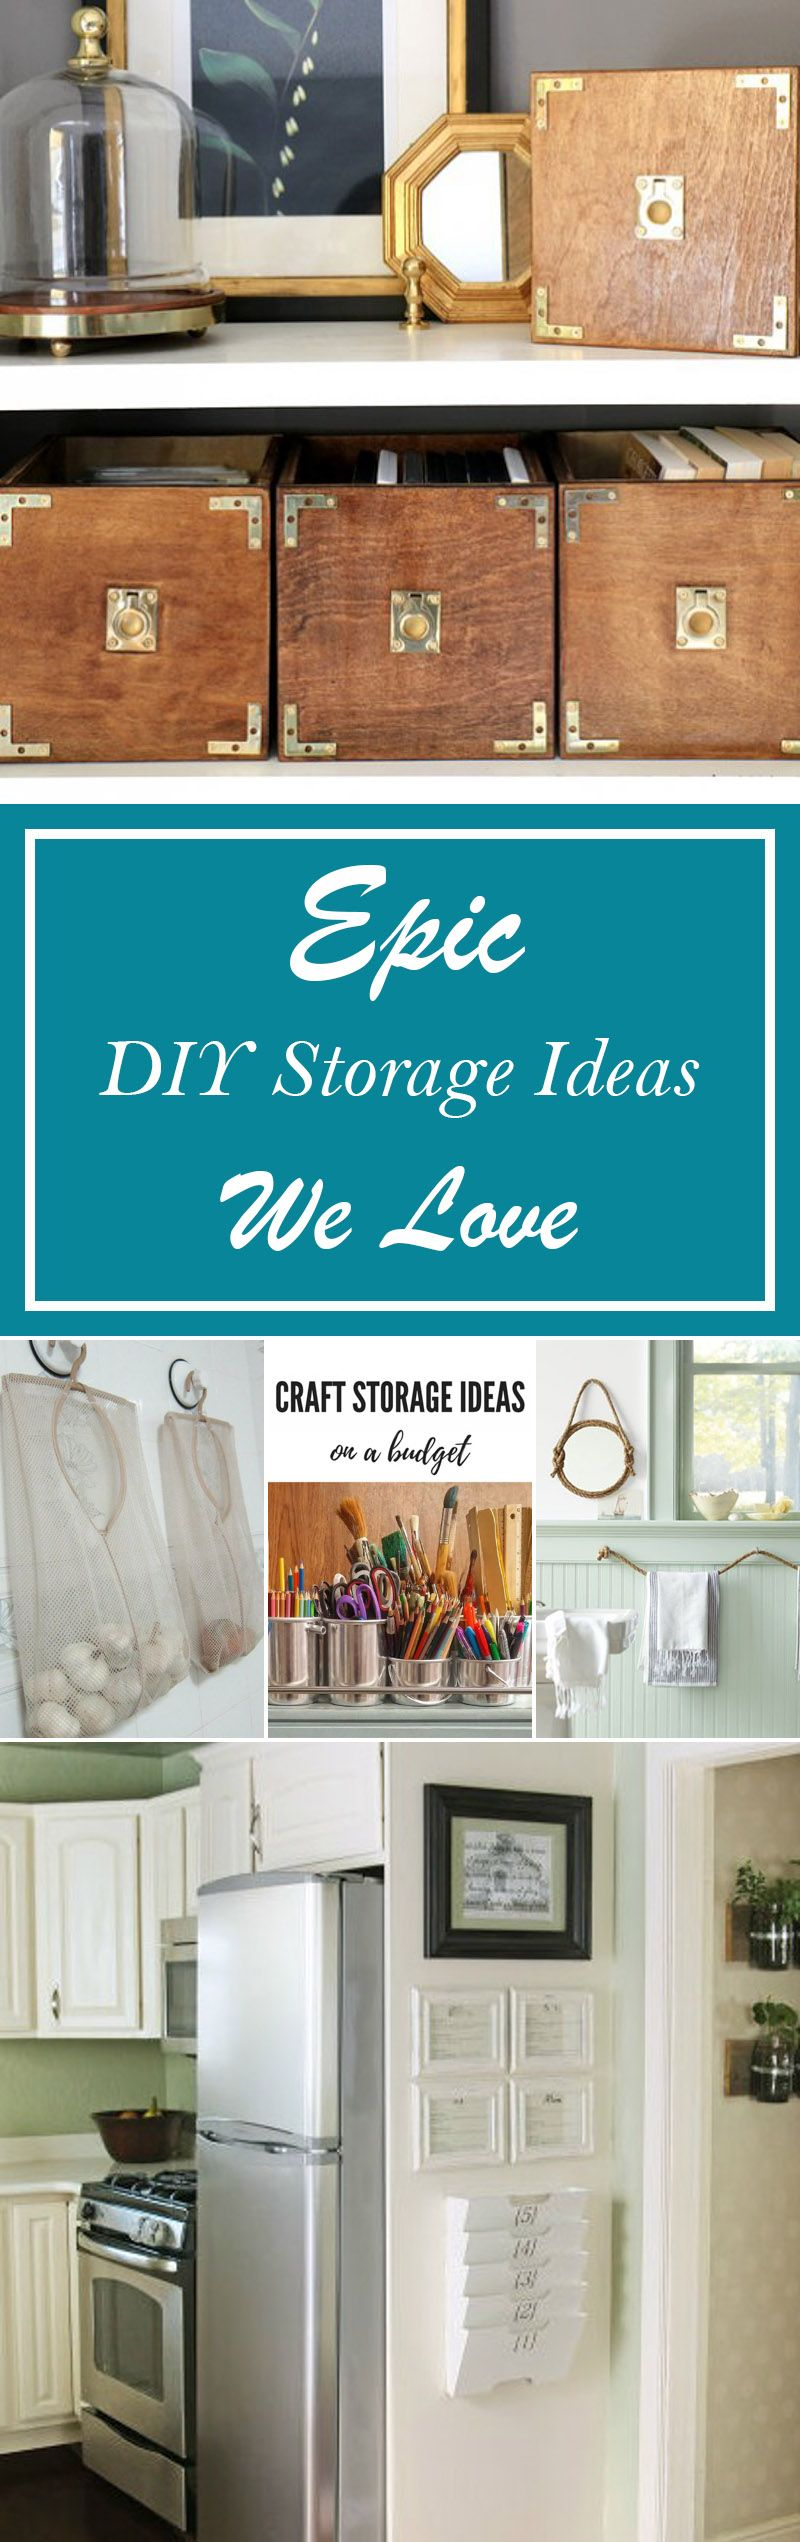 42 Epic DIY Storage Ideas We Love   Pinterest